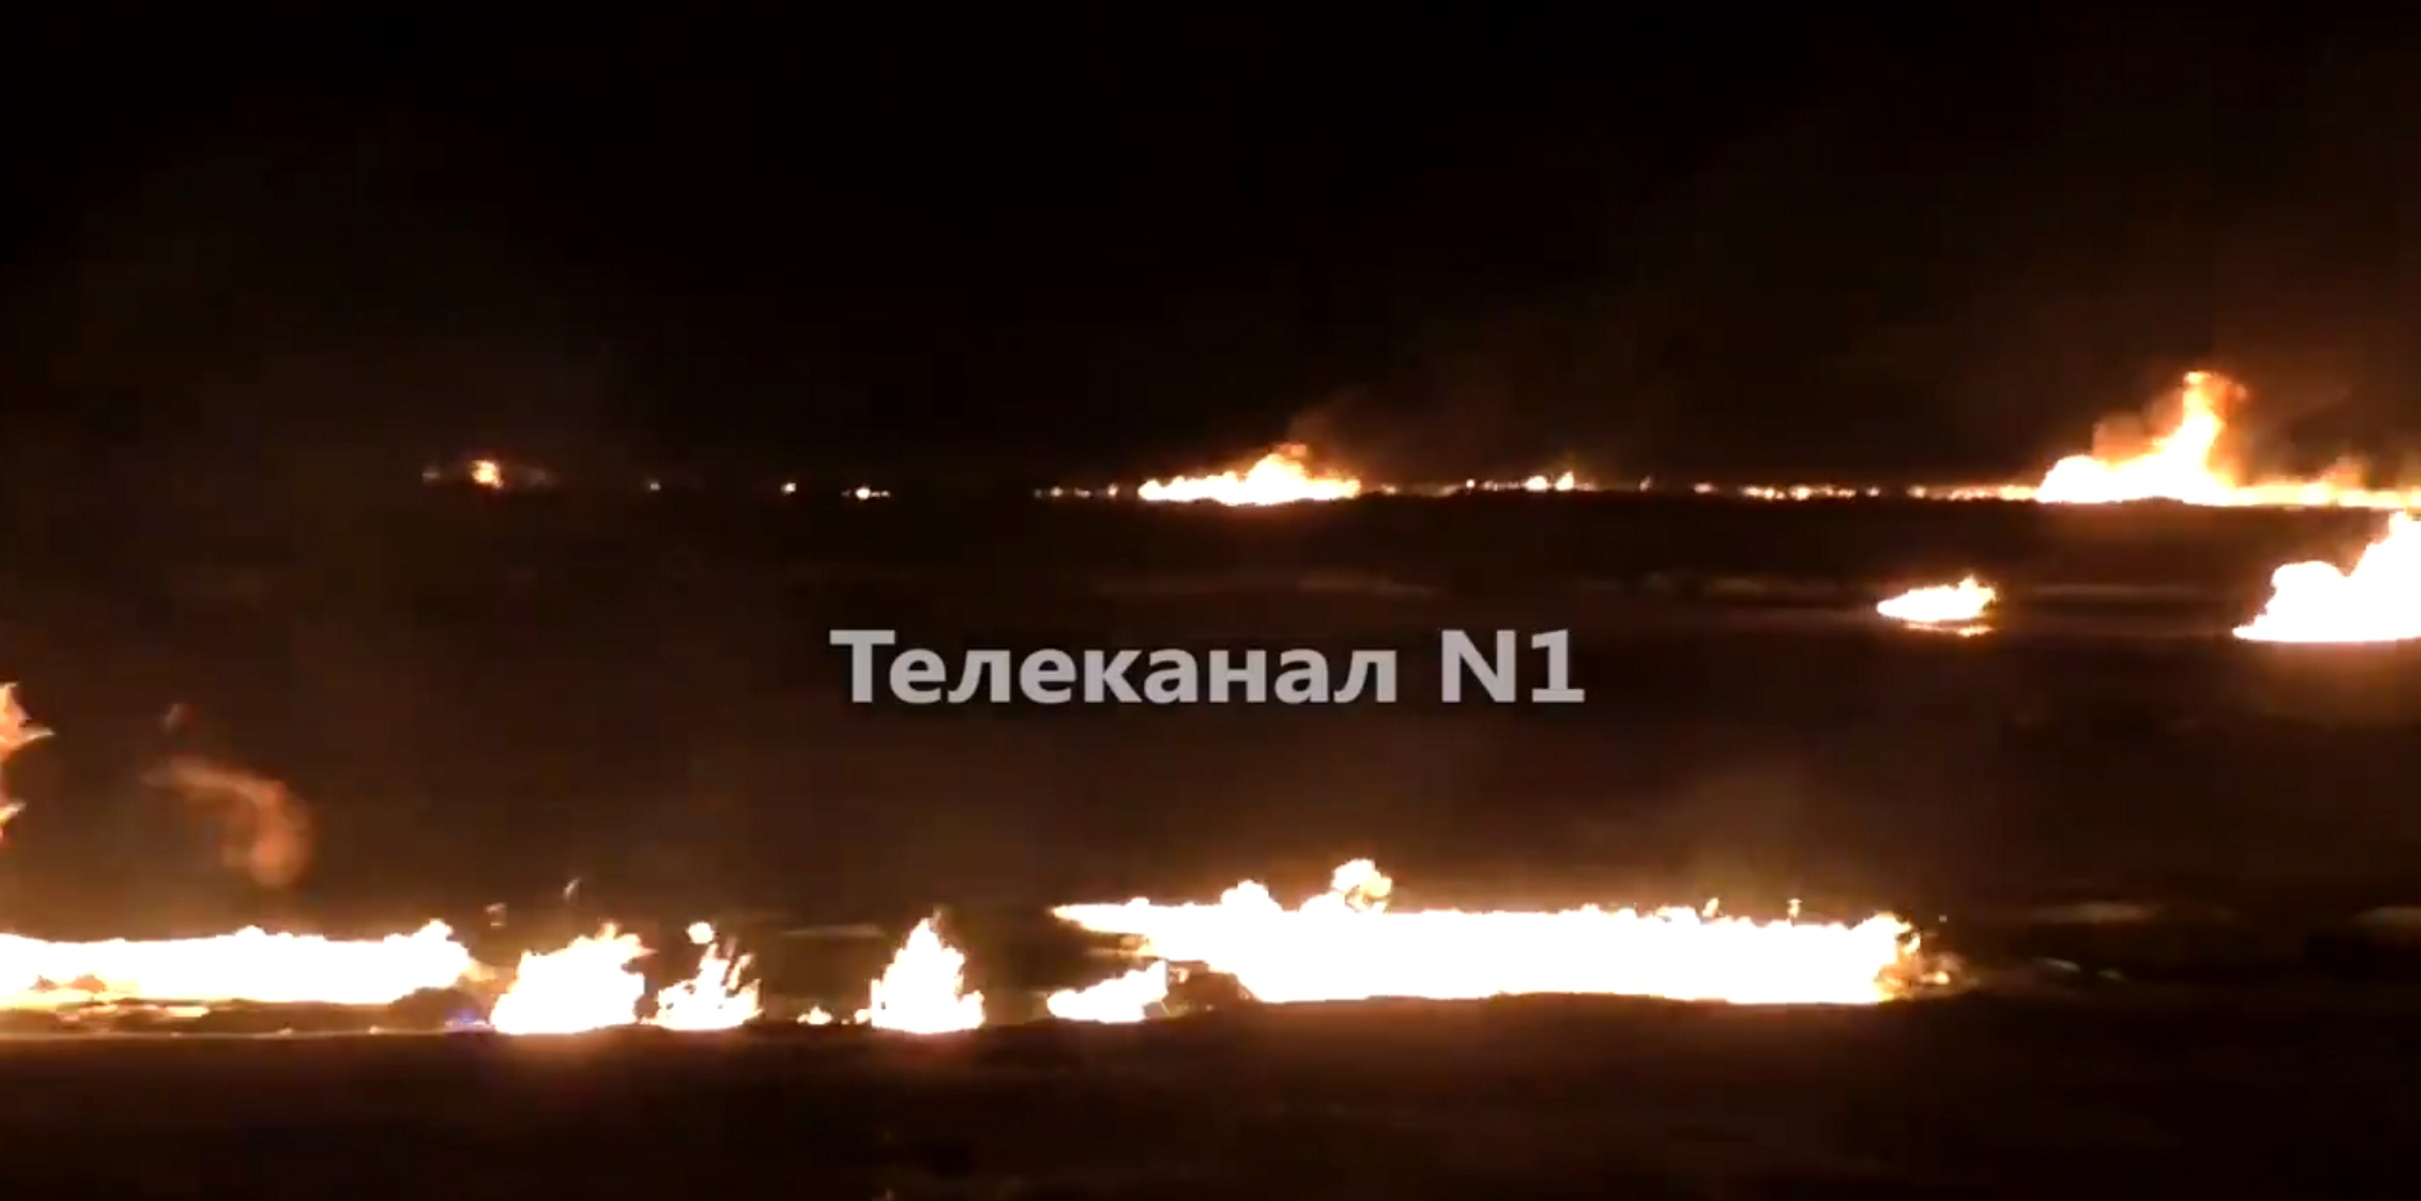 Συναγερμός στη Σιβηρία: Φόβοι για μόλυνση μετά από φωτιά σε αγωγό αερίου (video)